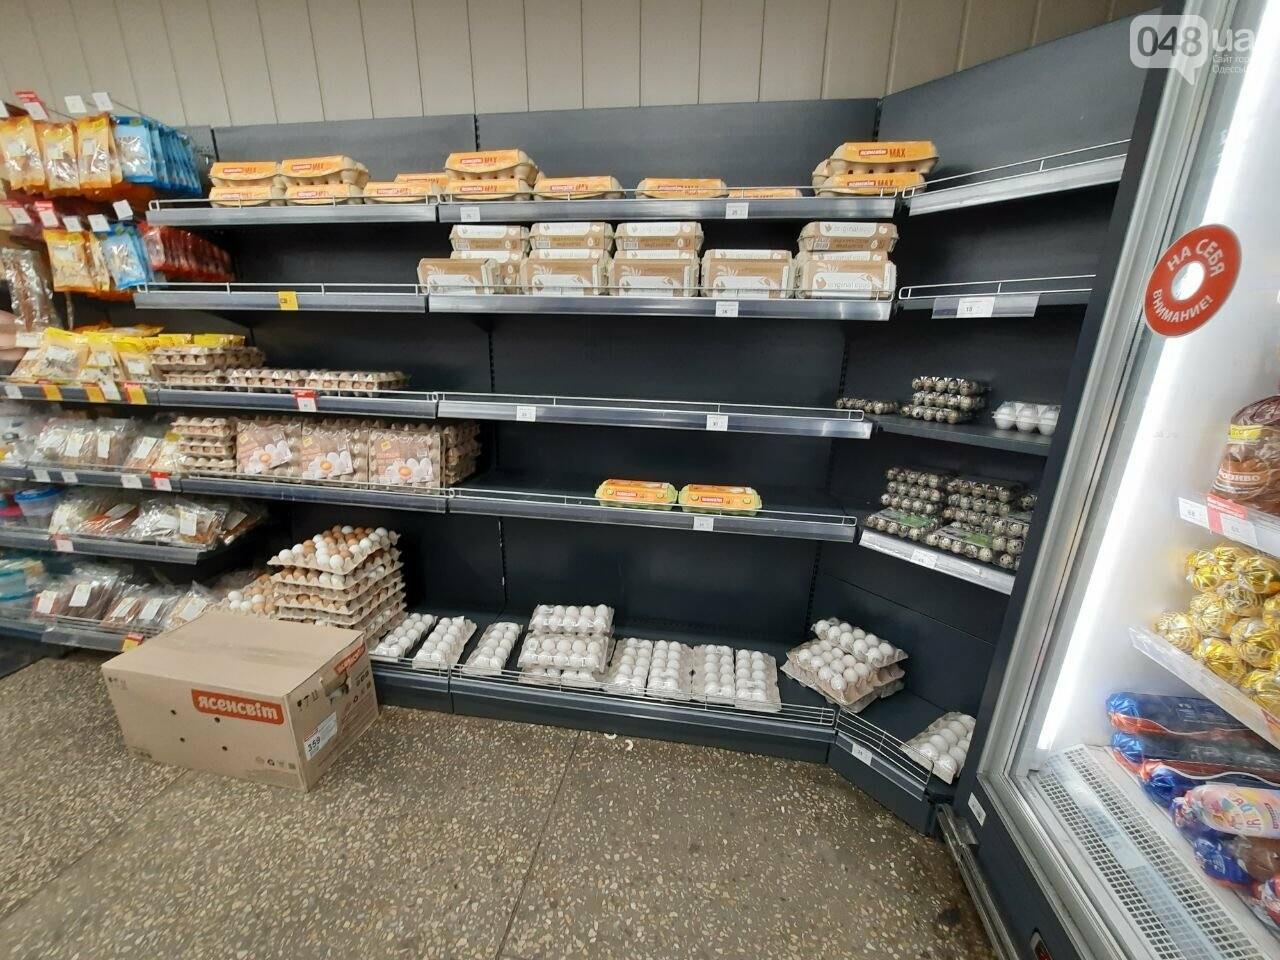 Мониторинг цен: в одесских супермаркетах начали дешеветь куриные яйца, - ФОТО, фото-2